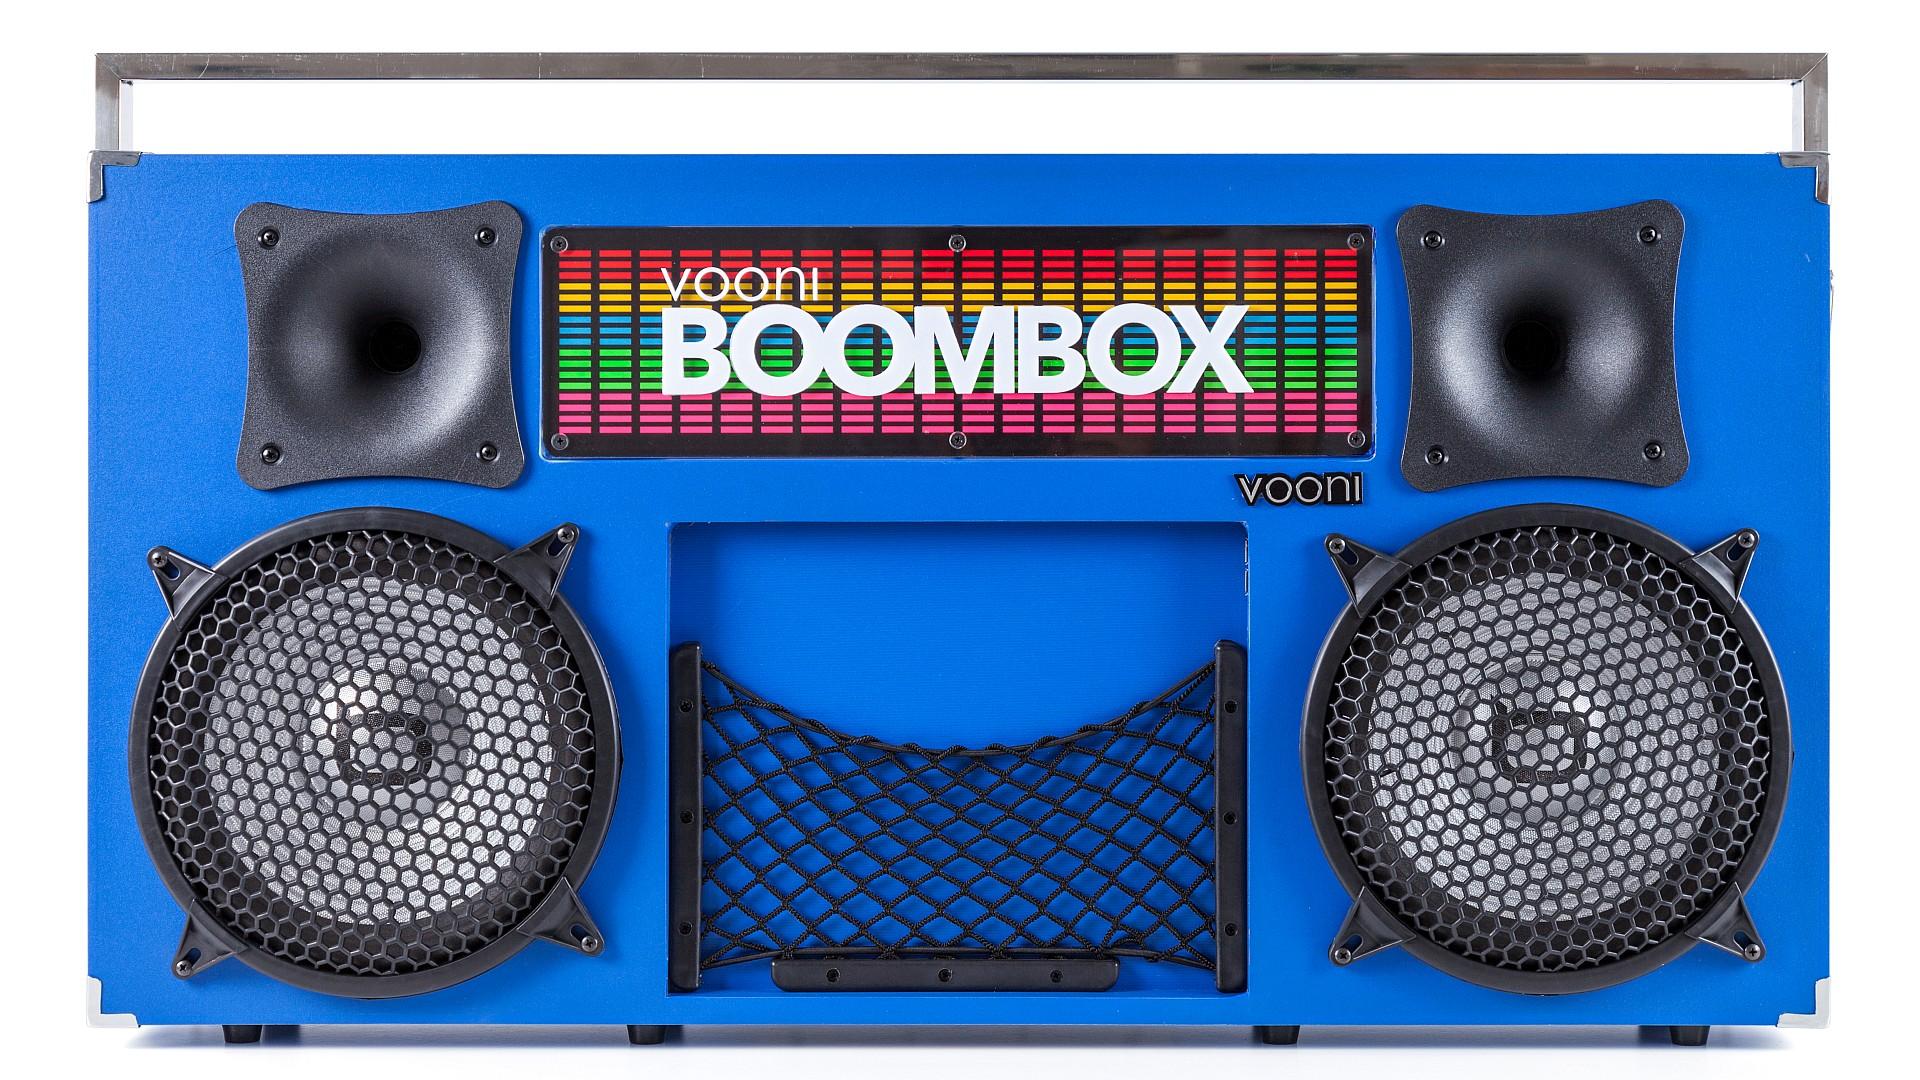 Vooni Boombox